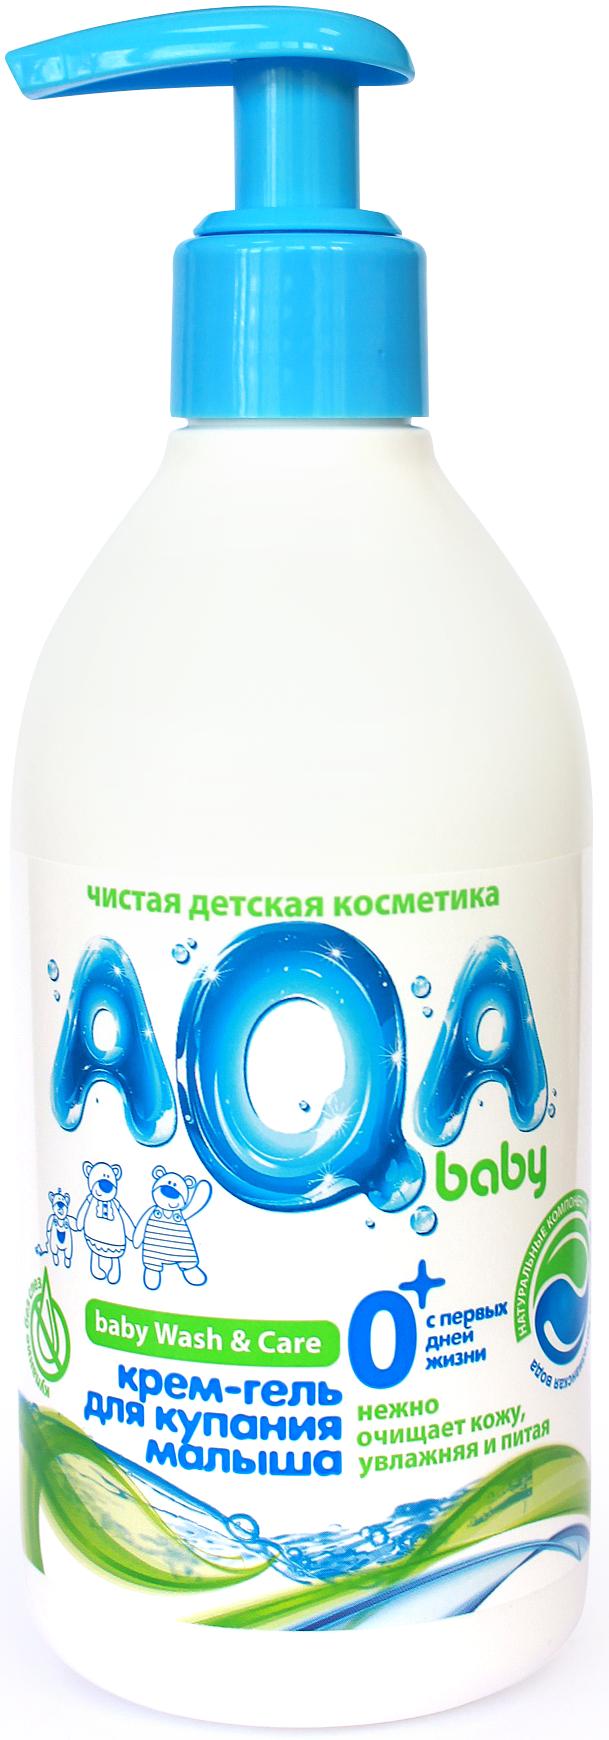 Крем-гель для купания AQA baby С дозатором 300 мл круг для купания младенцев flipper отзывы